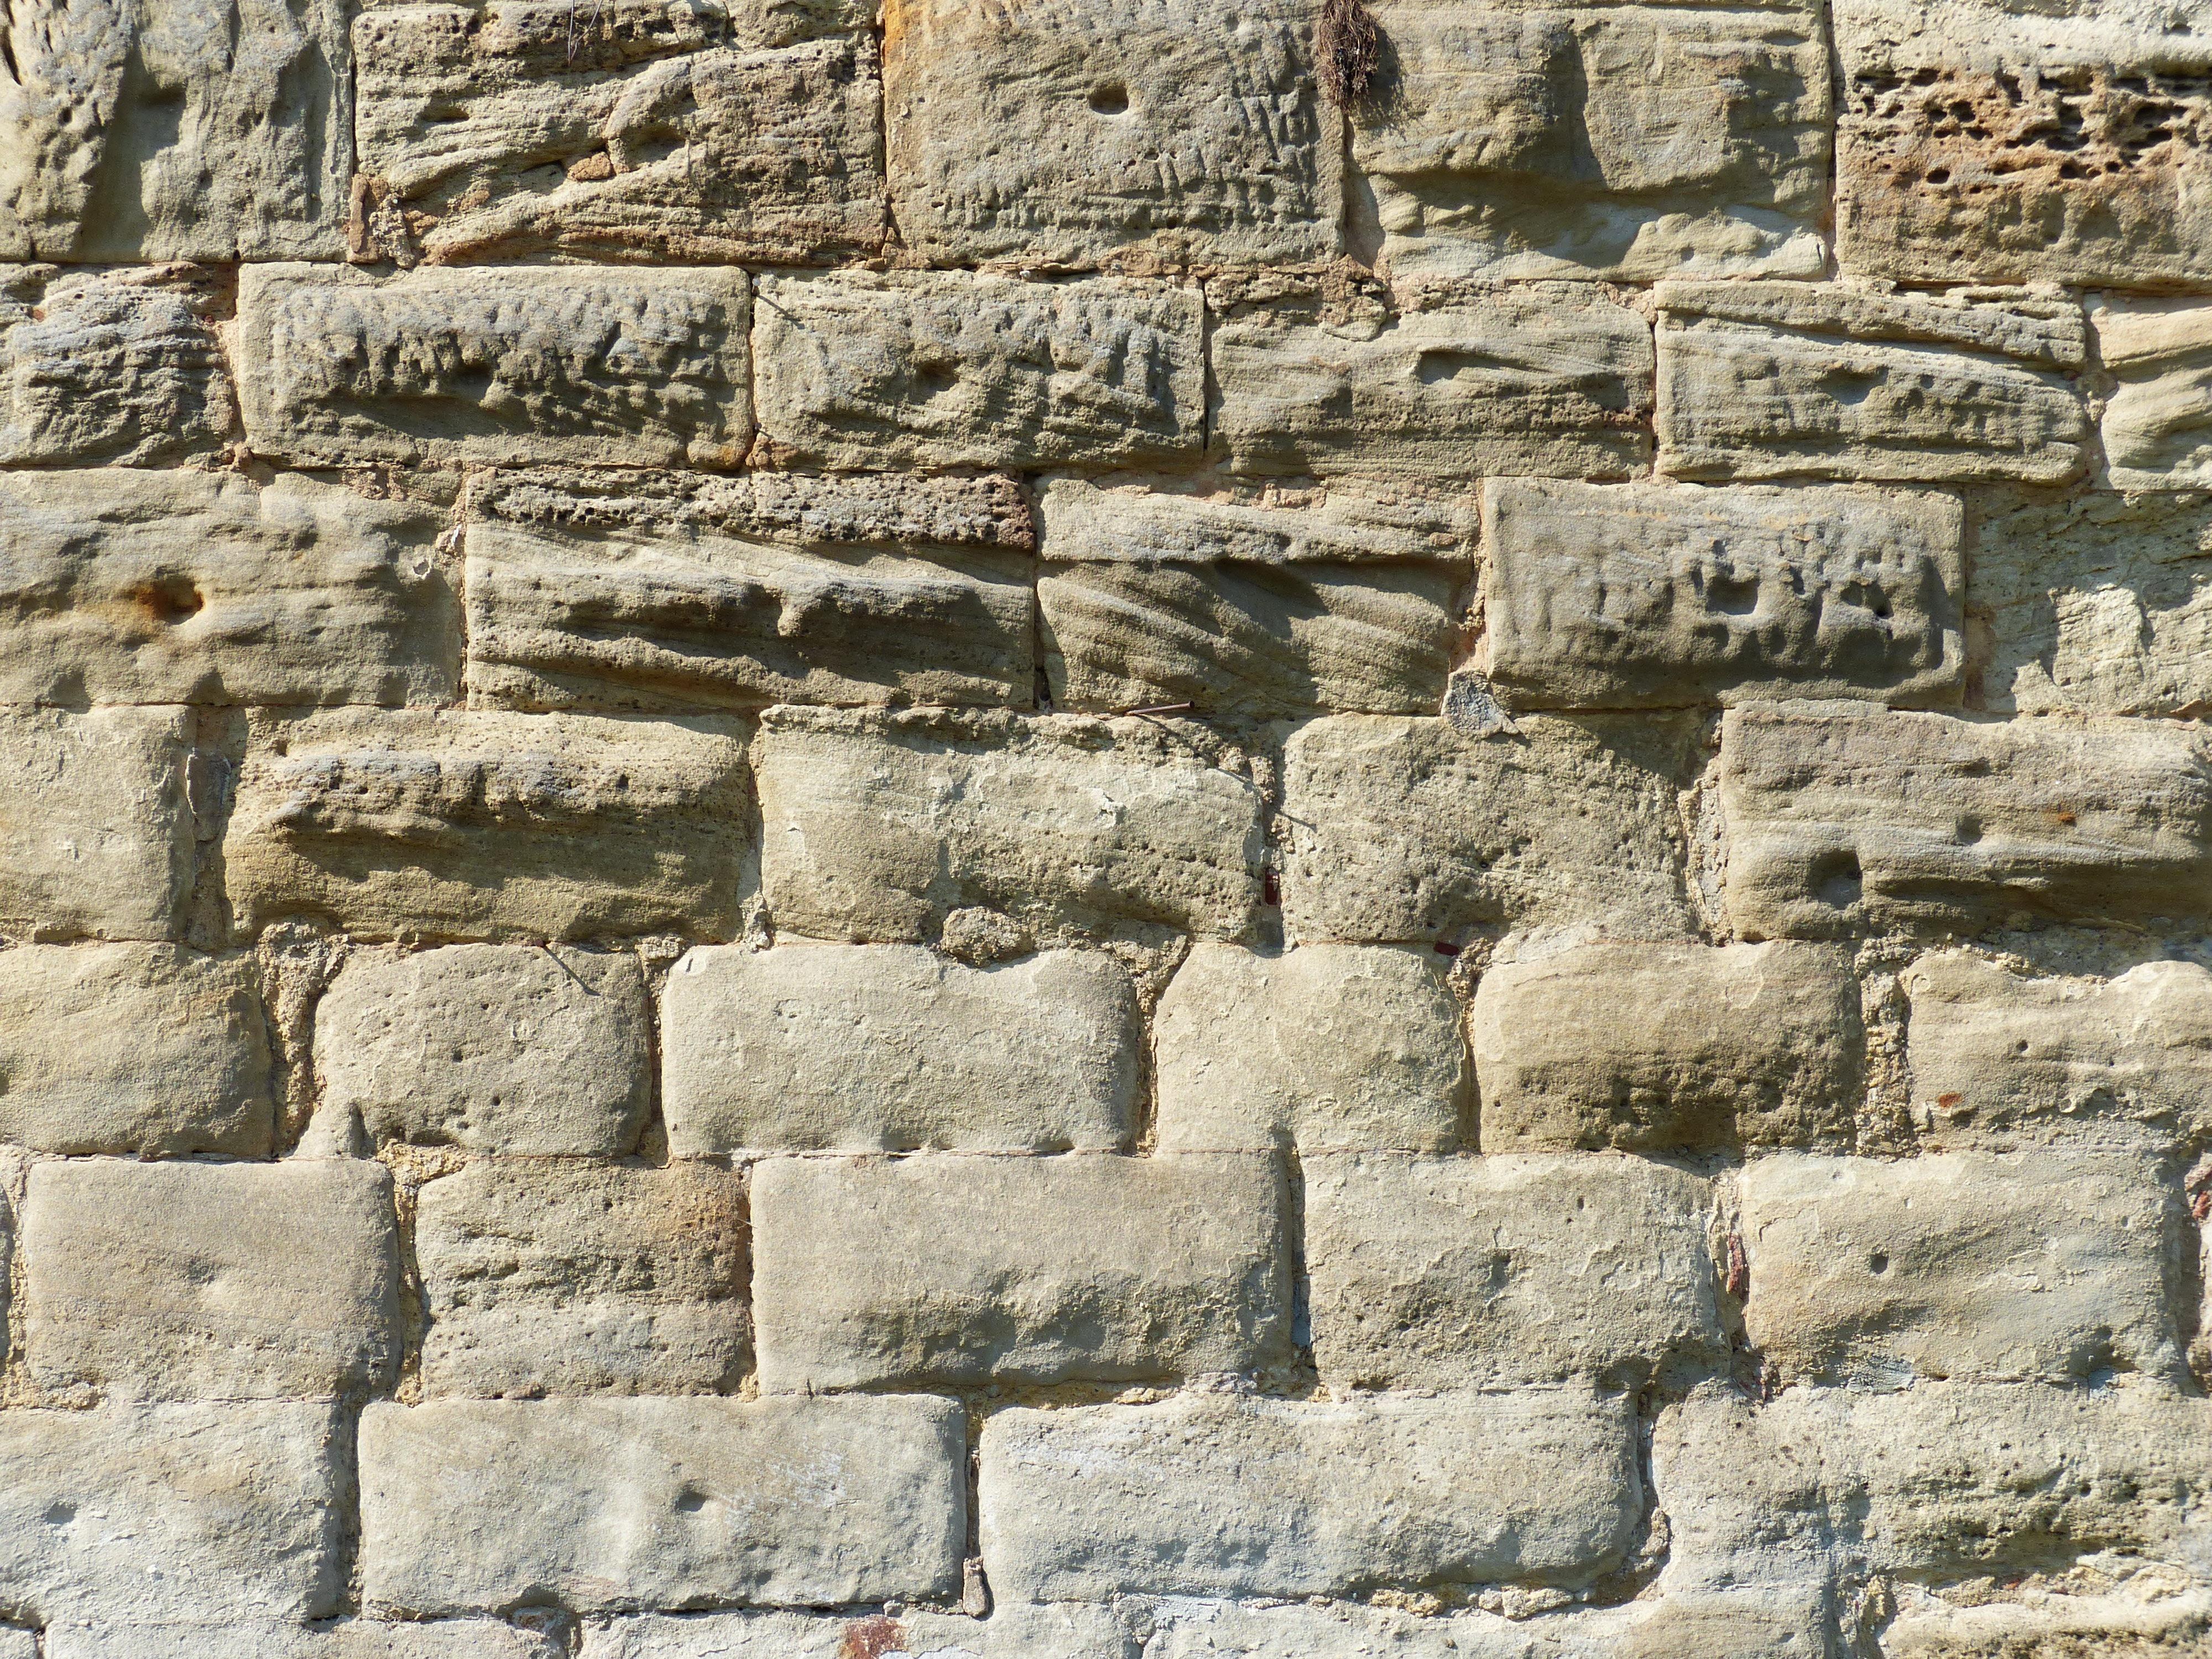 Dodatkowe Darmowe Zdjęcia : skała, budynek, Ściana, Kamienna ściana, cegła IU58